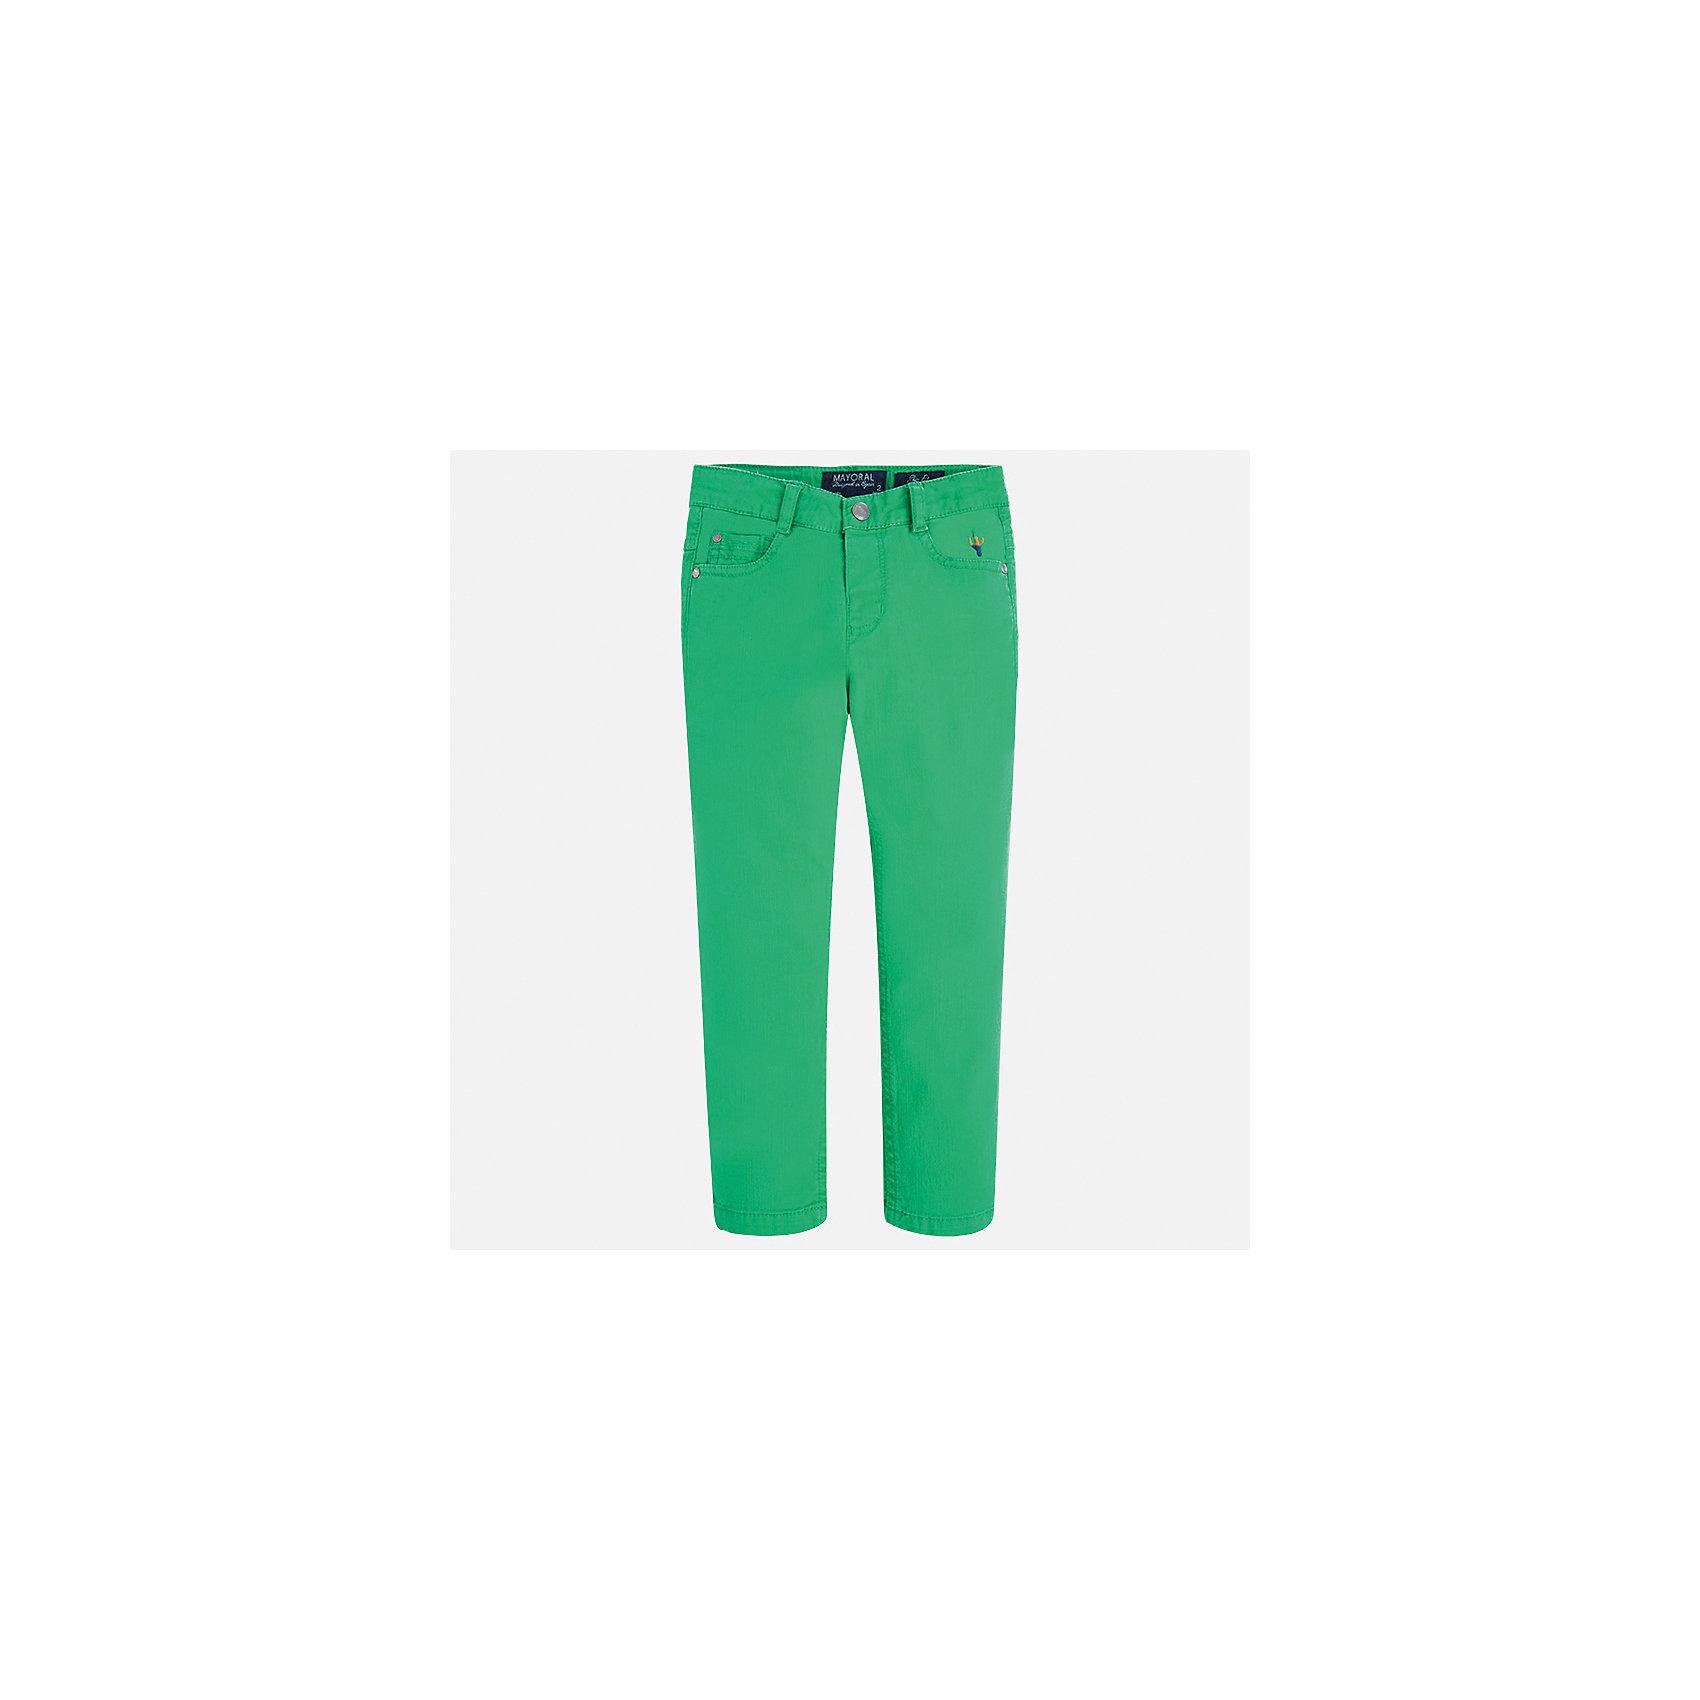 Брюки для мальчика MayoralБрюки<br>Характеристики товара:<br><br>• цвет: зеленый<br>• состав: 98% хлопок, 2% эластан<br>• вышивка <br>• шлевки<br>• карманы<br>• пояс с регулировкой объема<br>• классический силуэт<br>• страна бренда: Испания<br><br>Модные брюки для мальчика смогут стать базовой вещью в гардеробе ребенка. Они отлично сочетаются с майками, футболками, рубашками и т.д. Универсальный крой и цвет позволяет подобрать к вещи верх разных расцветок. Практичное и стильное изделие! В составе материала - натуральный хлопок, гипоаллергенный, приятный на ощупь, дышащий.<br><br>Одежда, обувь и аксессуары от испанского бренда Mayoral полюбились детям и взрослым по всему миру. Модели этой марки - стильные и удобные. Для их производства используются только безопасные, качественные материалы и фурнитура. Порадуйте ребенка модными и красивыми вещами от Mayoral! <br><br>Брюки для мальчика от испанского бренда Mayoral (Майорал) можно купить в нашем интернет-магазине.<br><br>Ширина мм: 215<br>Глубина мм: 88<br>Высота мм: 191<br>Вес г: 336<br>Цвет: зеленый<br>Возраст от месяцев: 84<br>Возраст до месяцев: 96<br>Пол: Мужской<br>Возраст: Детский<br>Размер: 128,134,122,116,110,104,98,92<br>SKU: 5280828